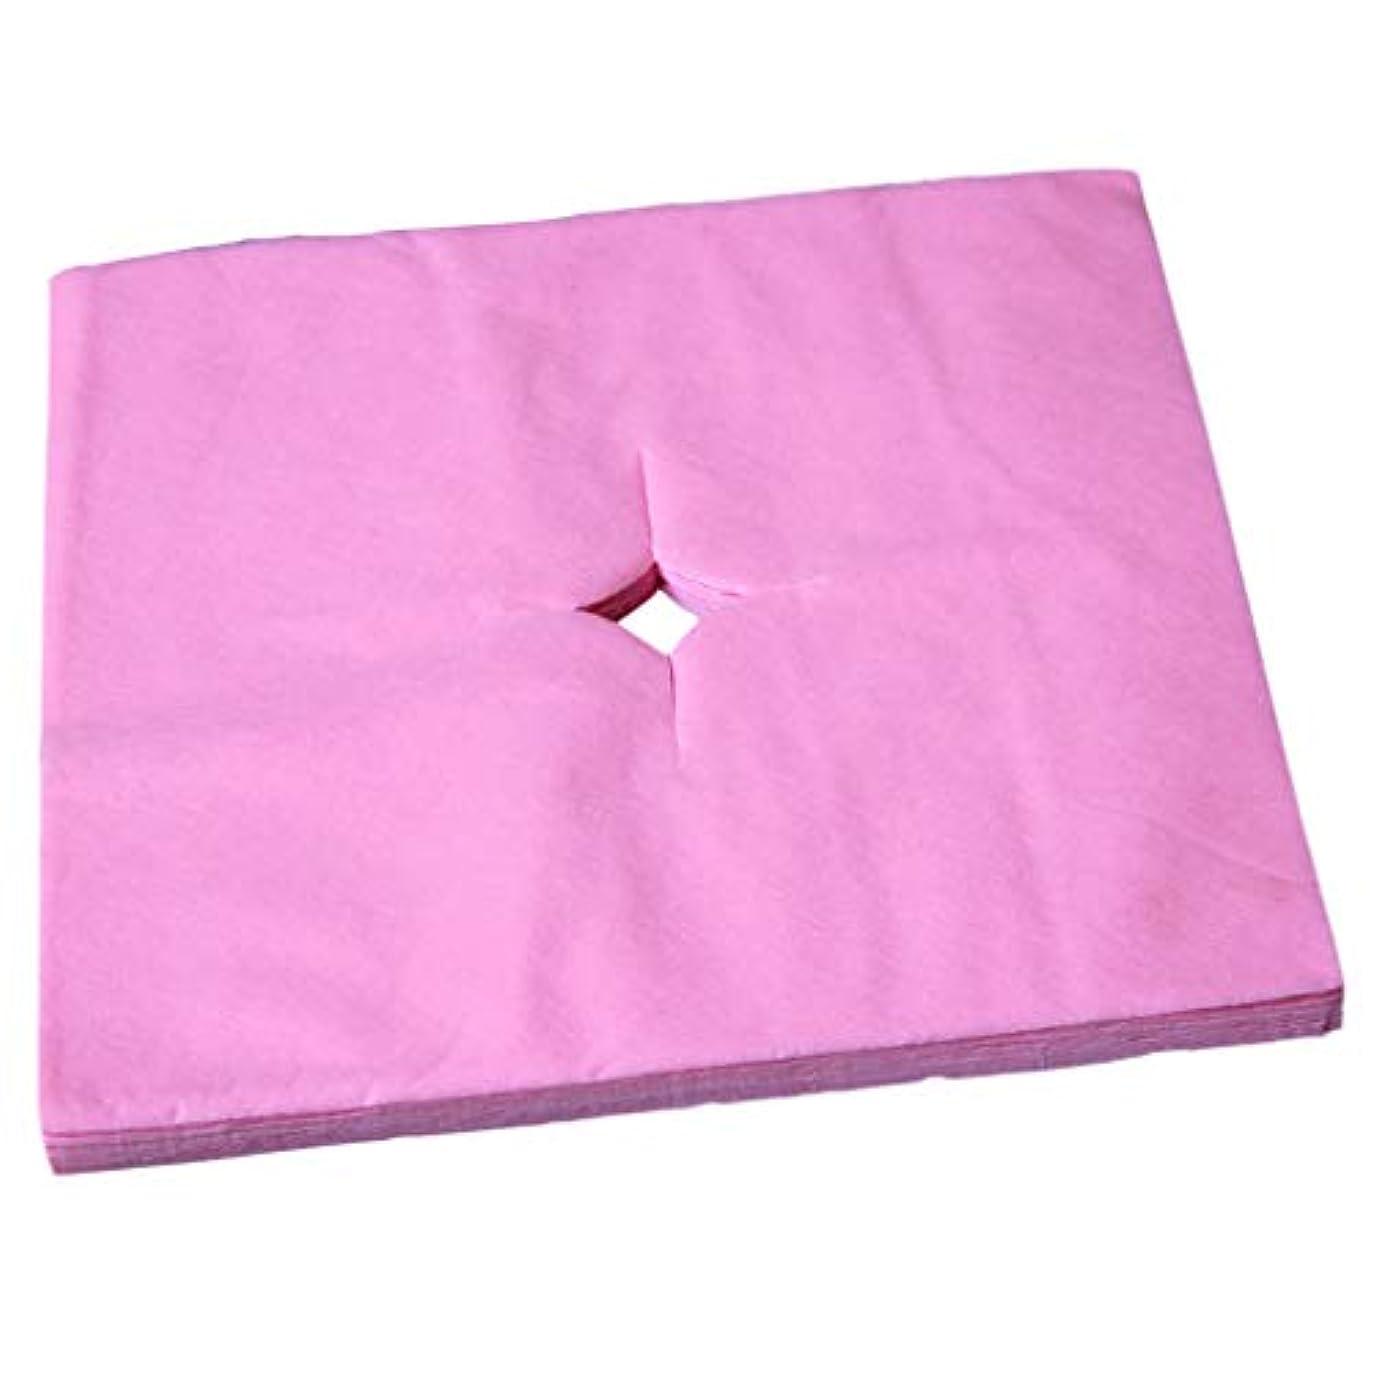 起こりやすい対人デッキdailymall 100ピース/個スパサロン使い捨てマッサージフェイスレストクッションカバークレードルシートクロスカットホール - ピンク